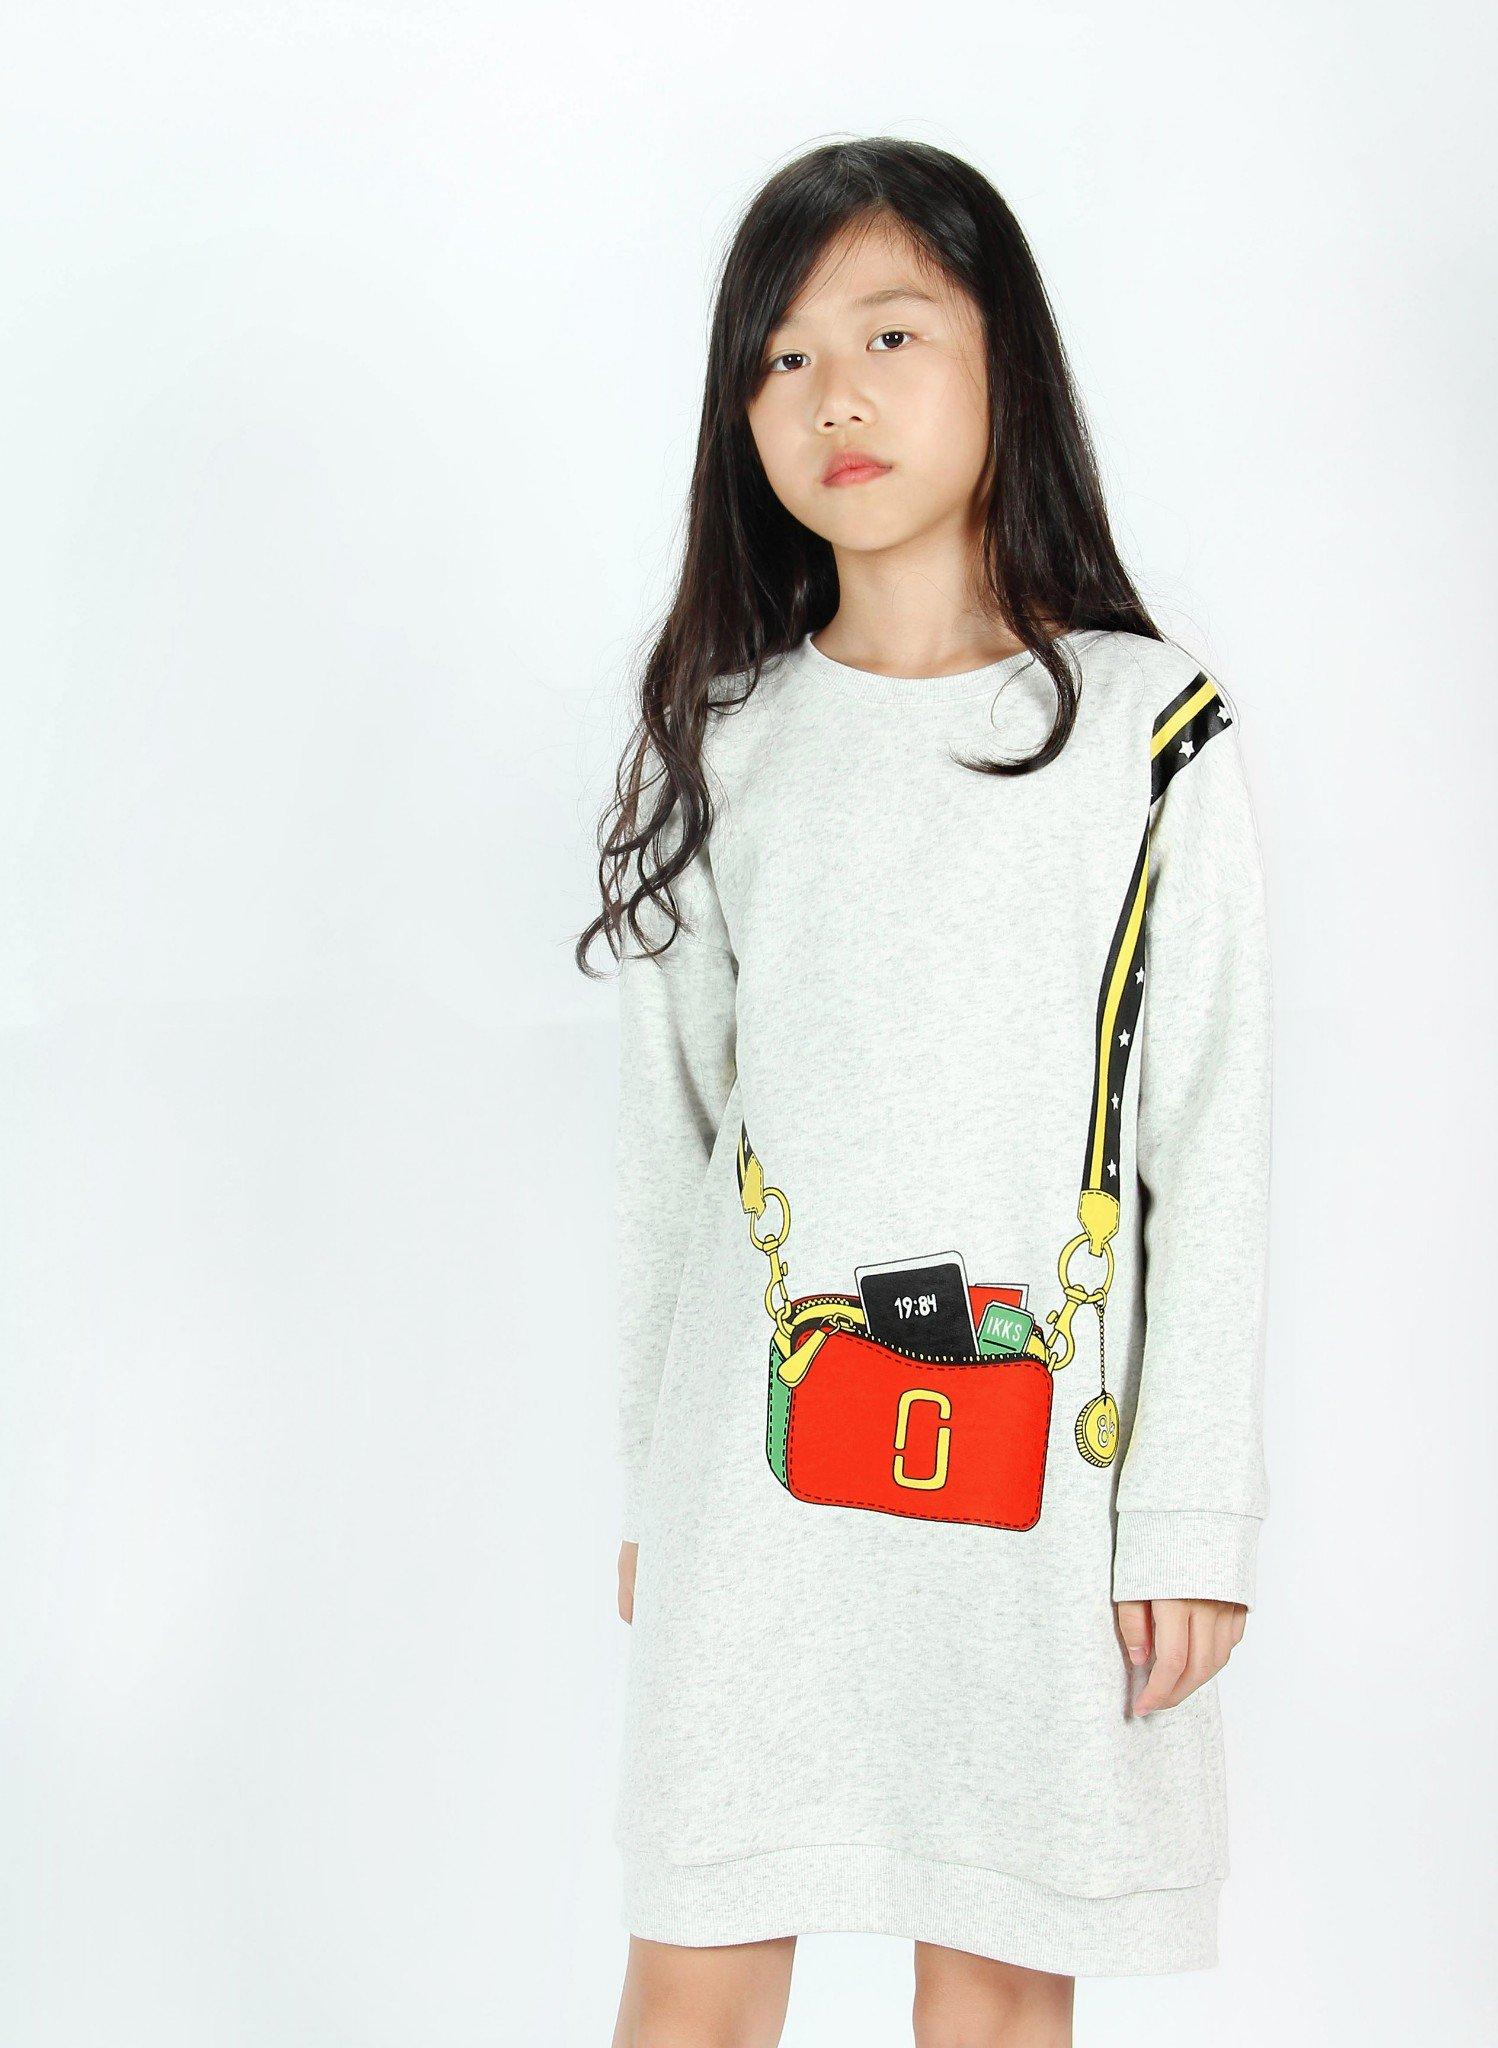 Váy nỉ bé gái in hình túi xách